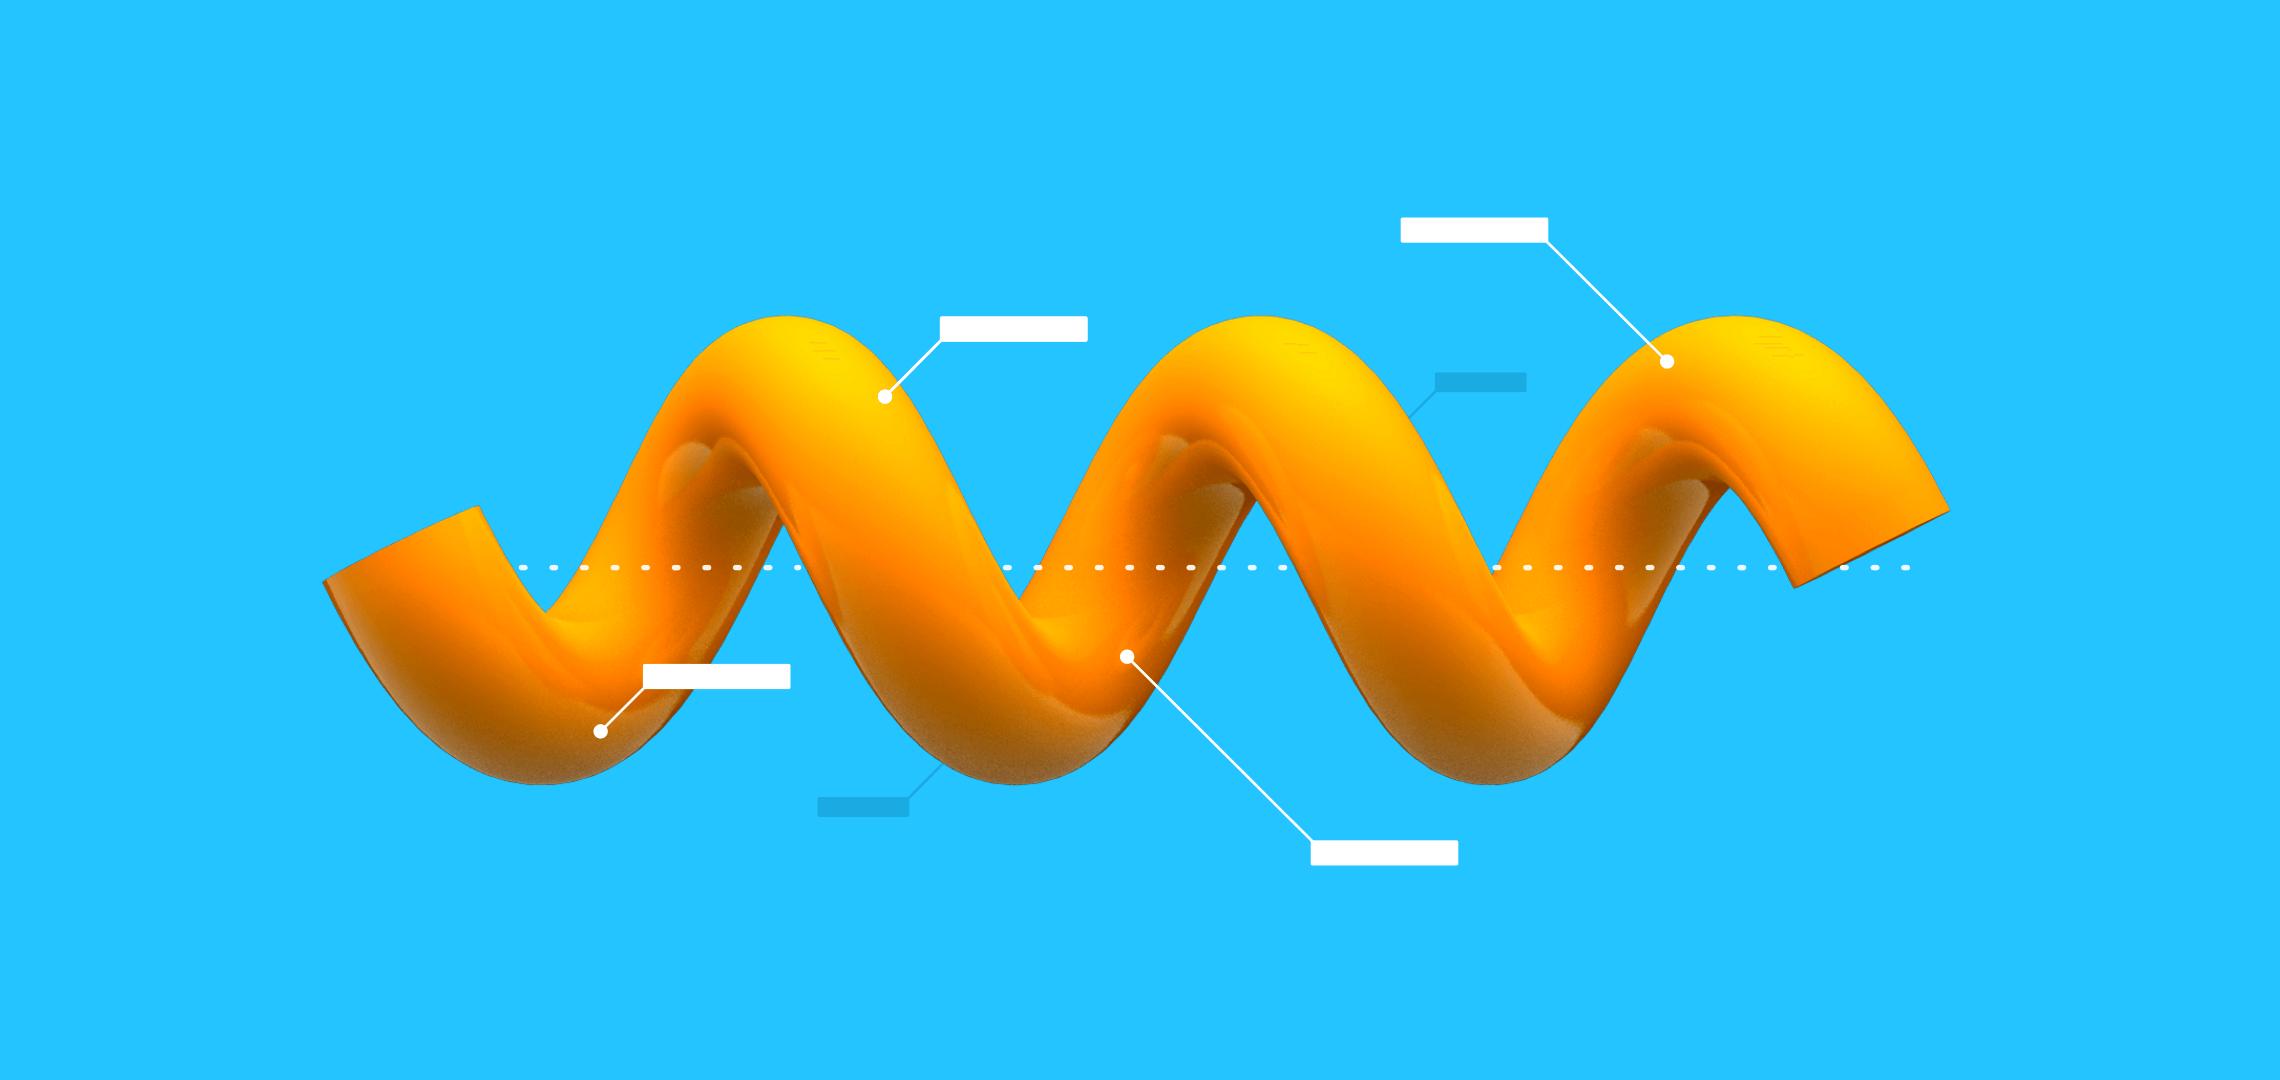 a helix